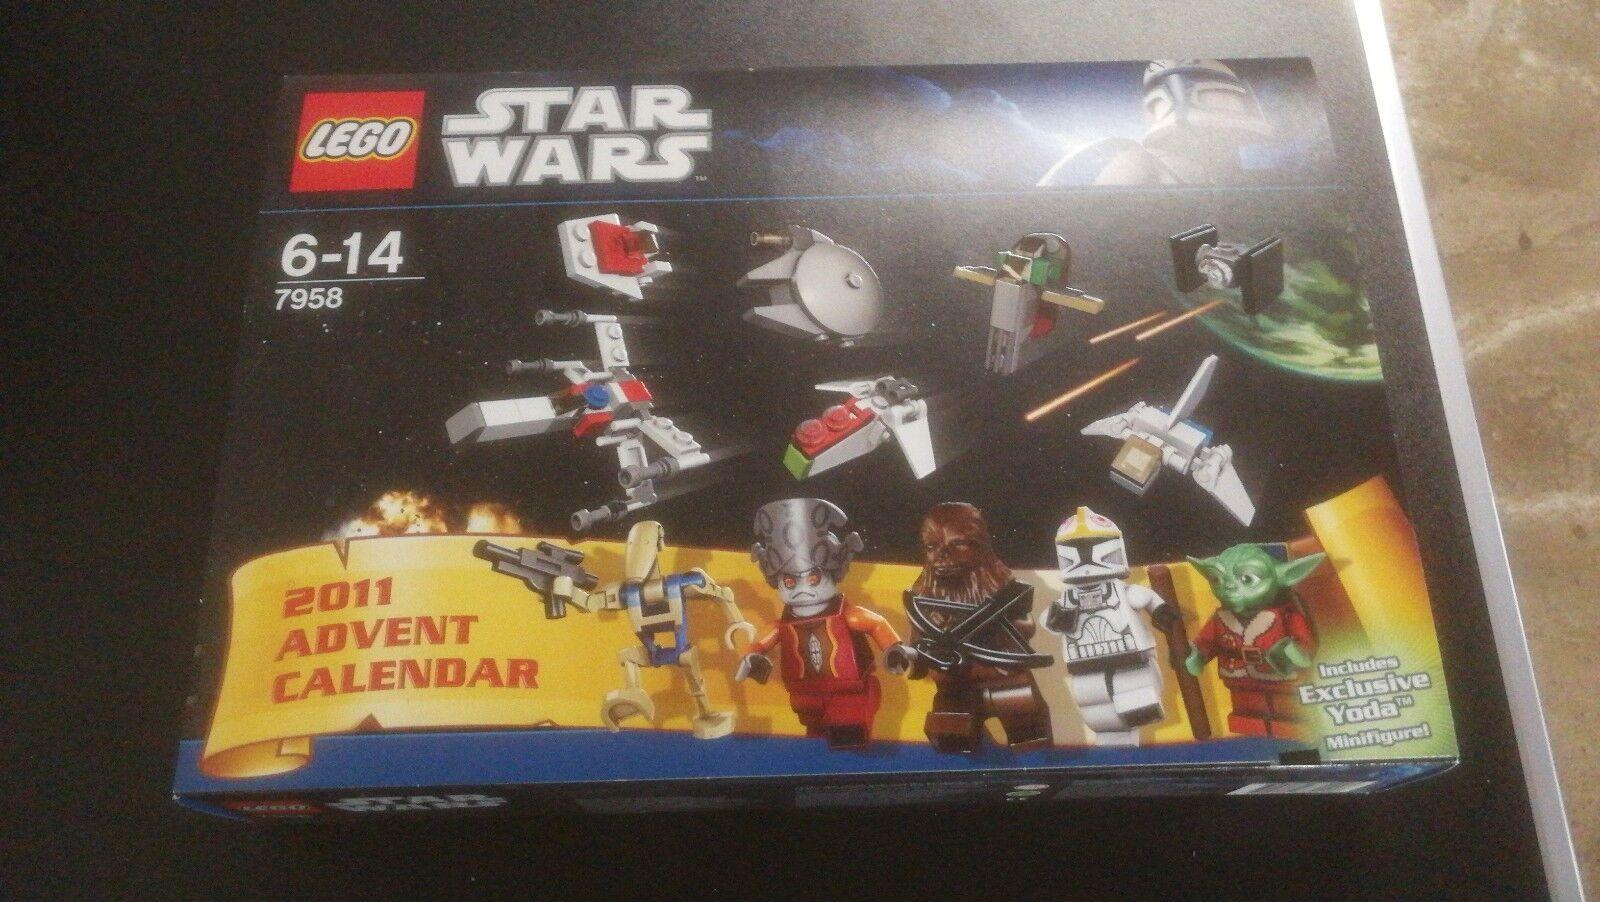 NEU LEGO STAR WARS ADVENTSKALENDER - 7958 von von von 2011 CALENDER WEIHANCHTSKALENDER a1bdbf